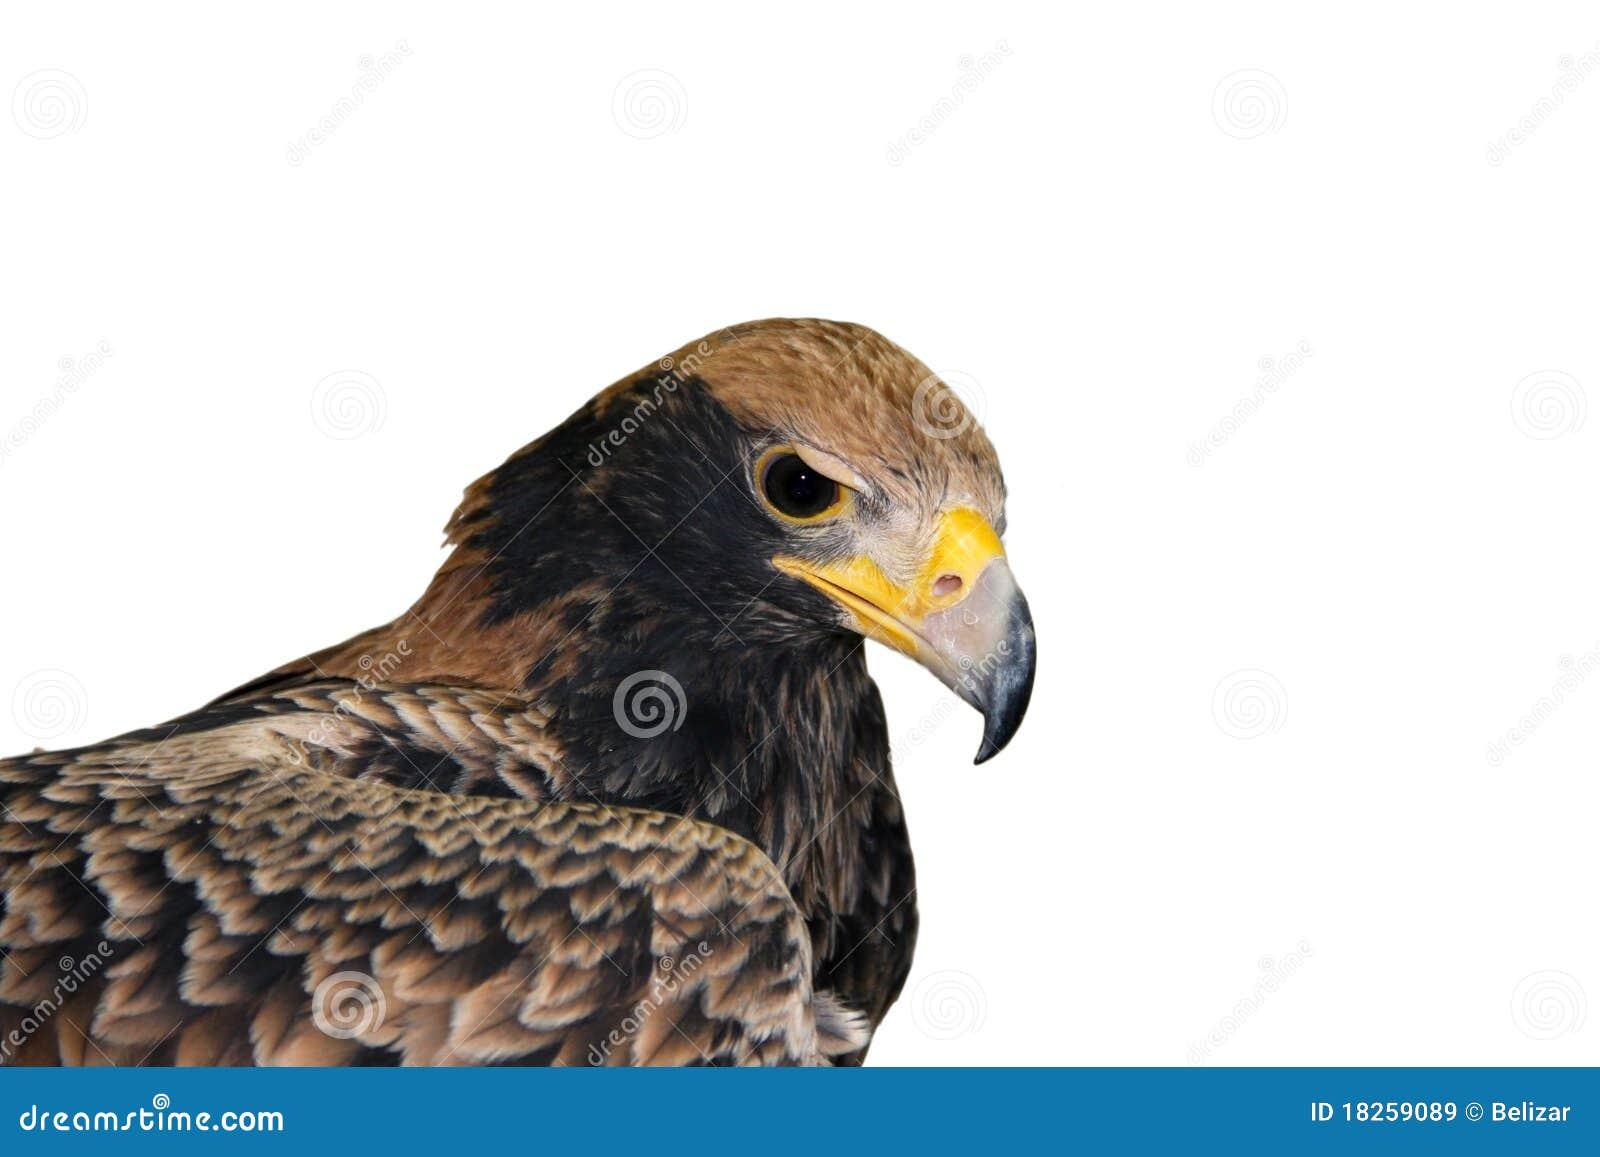 Verreaux eagle (Aquila verreauxii)